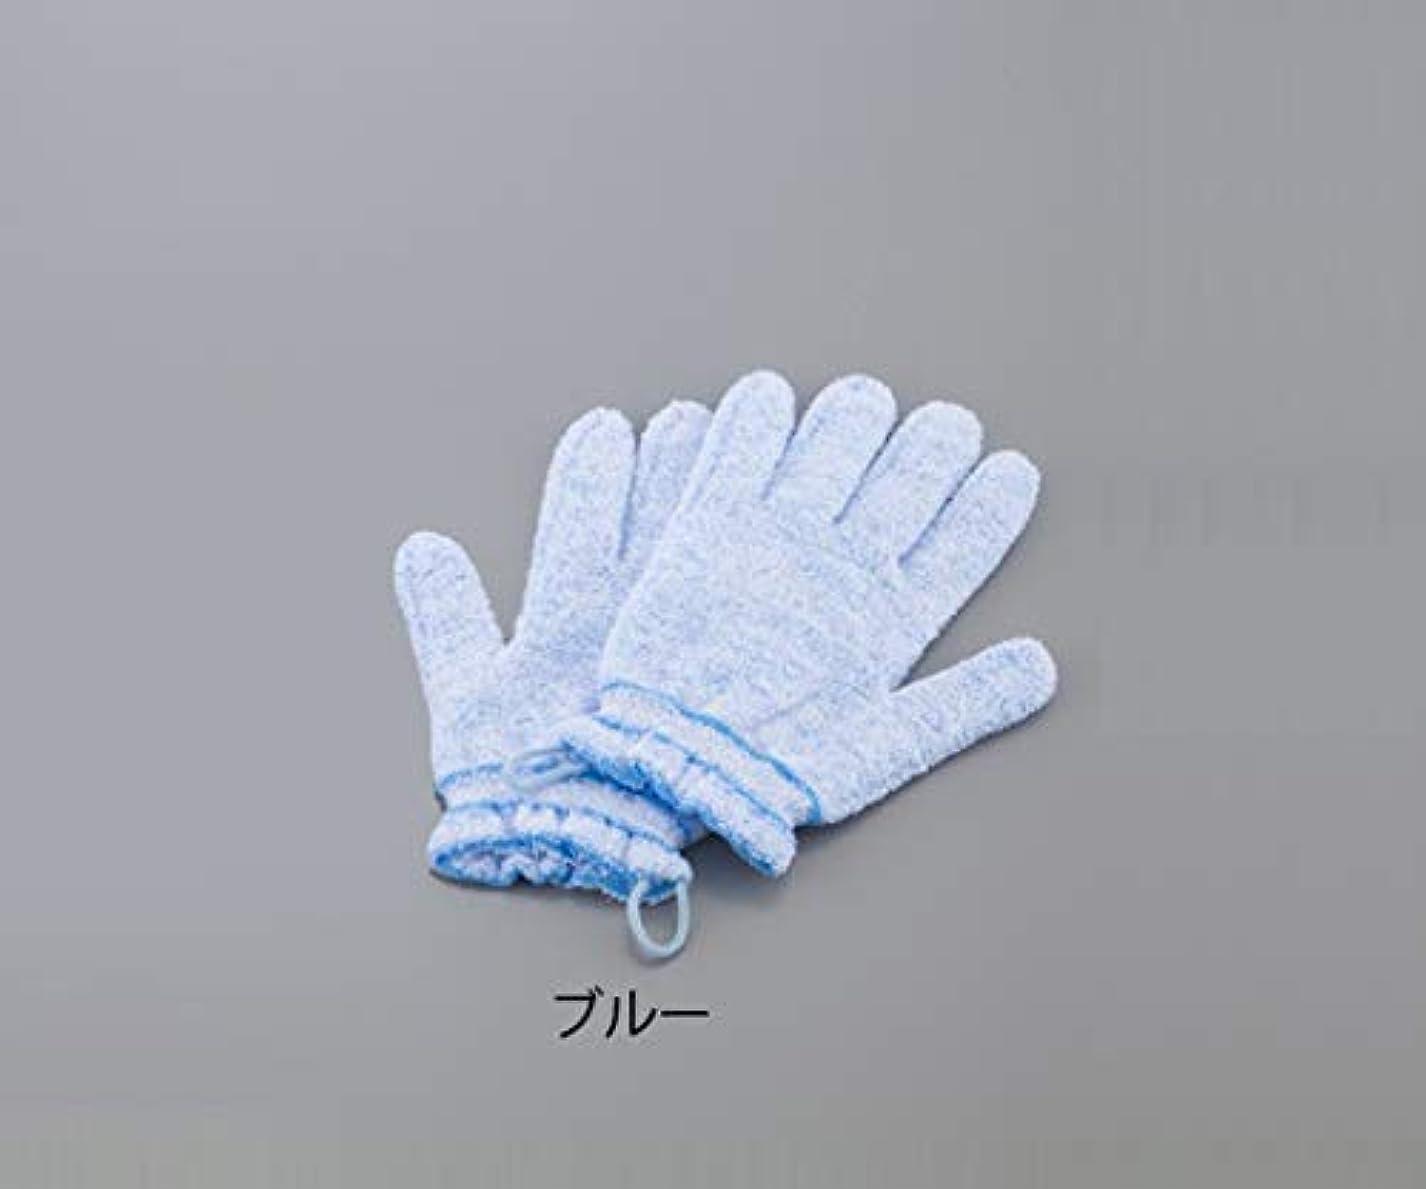 入札女性インセンティブ0-4015-02浴用手袋(やさしい手)ブルー